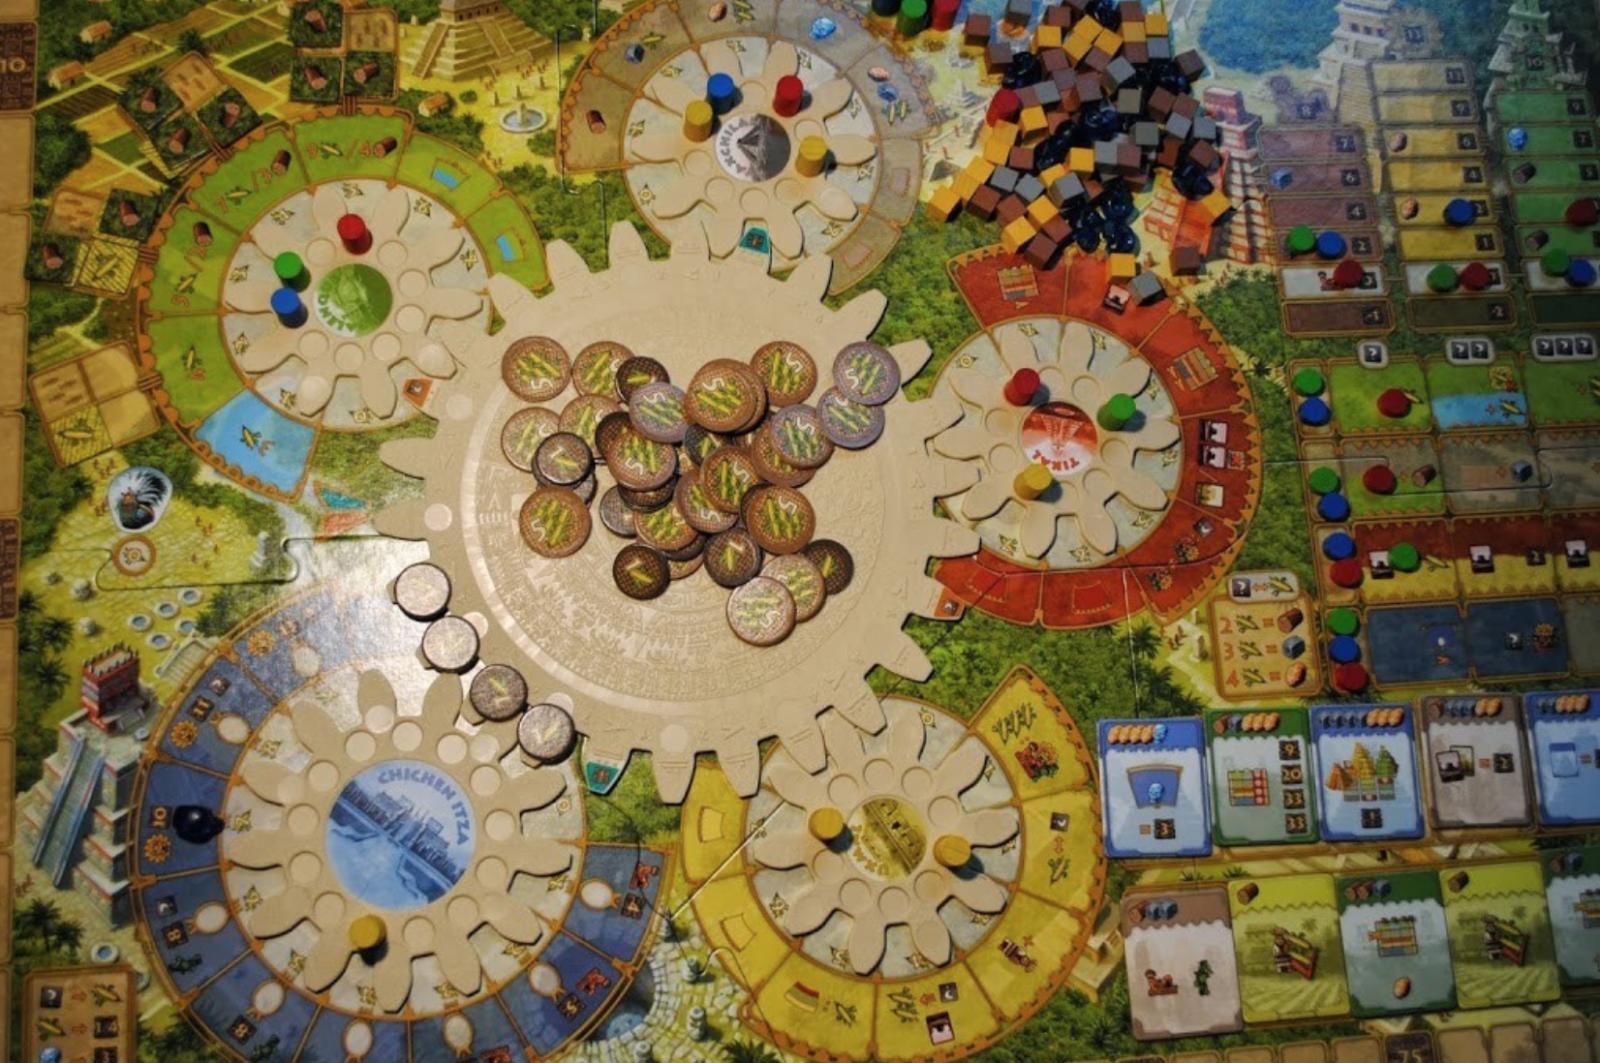 Tzolkin Mayan Calendar Board Game